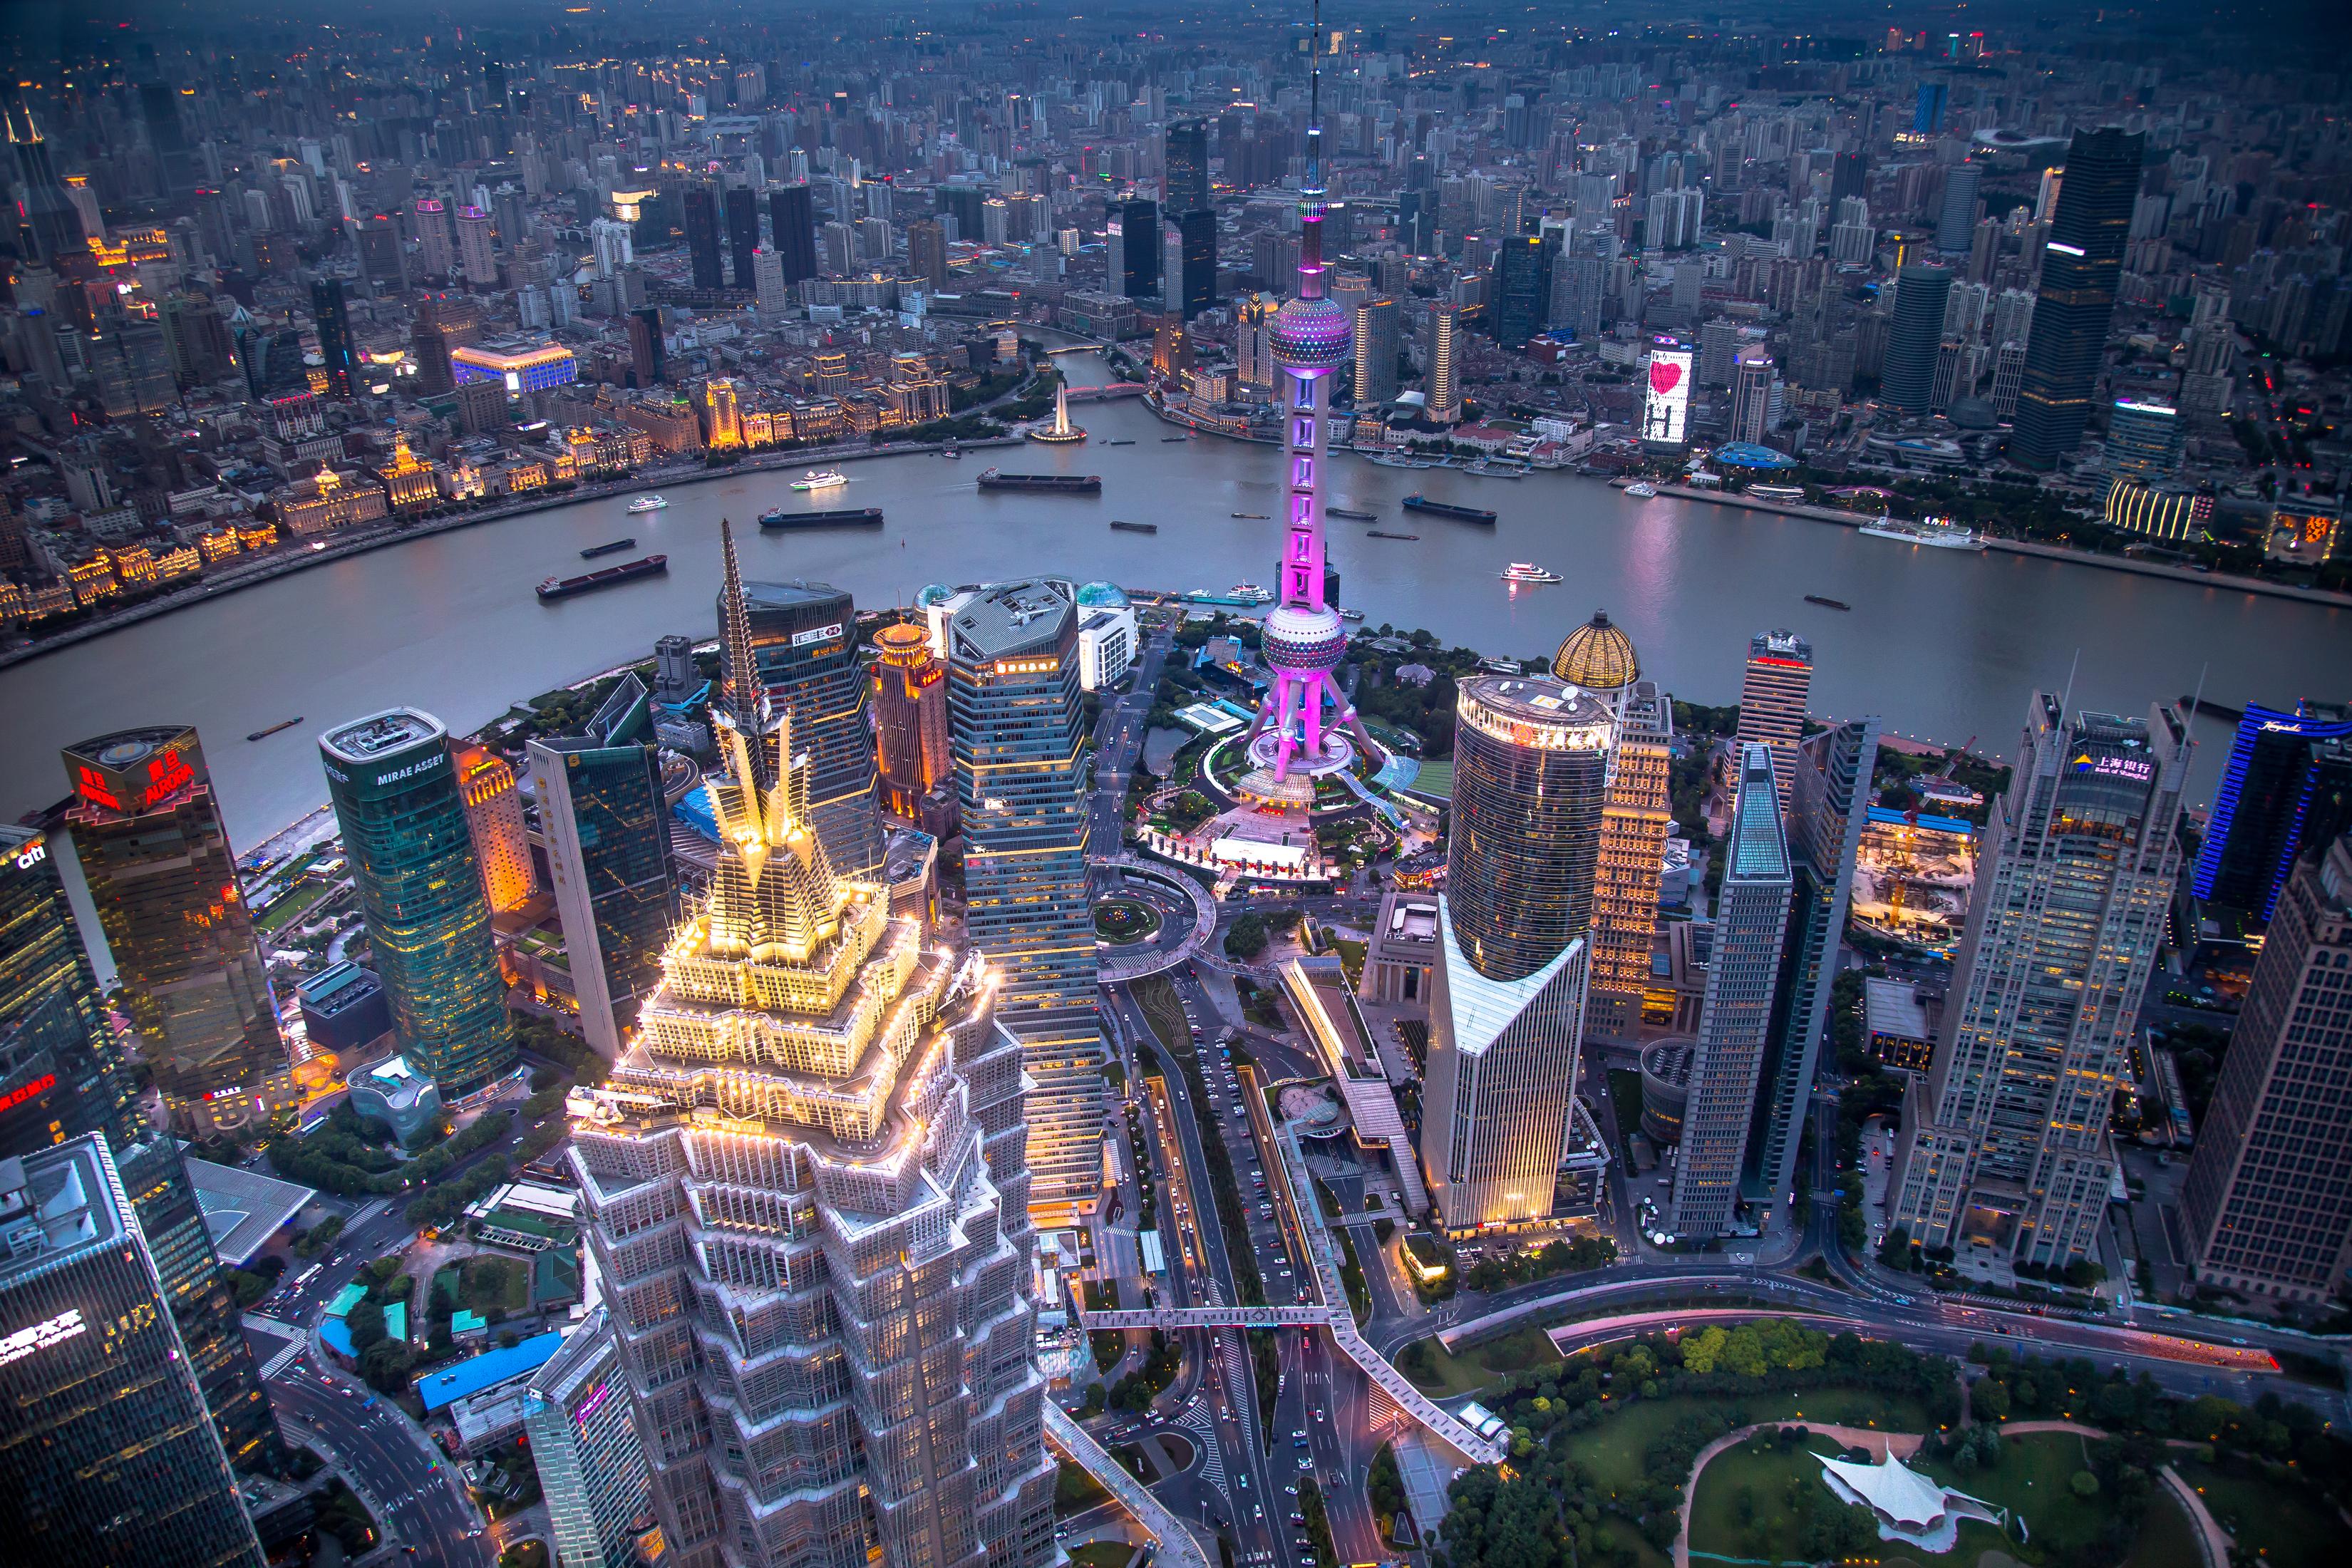 Hong kong porns photos hardcore photo